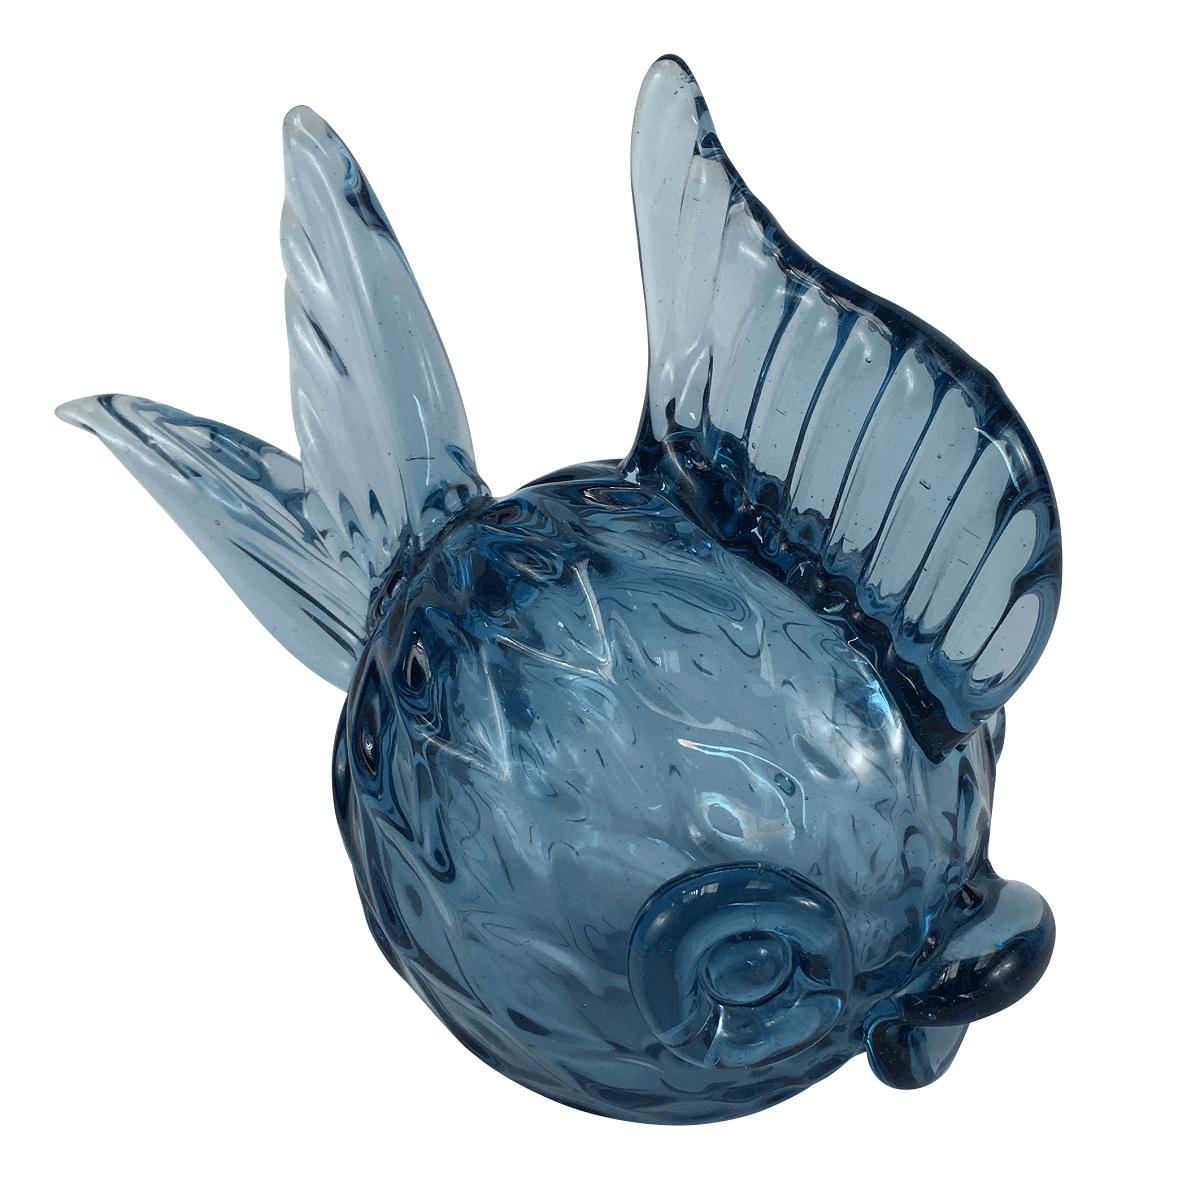 Escultura Peixe Vidro De Murano Azul